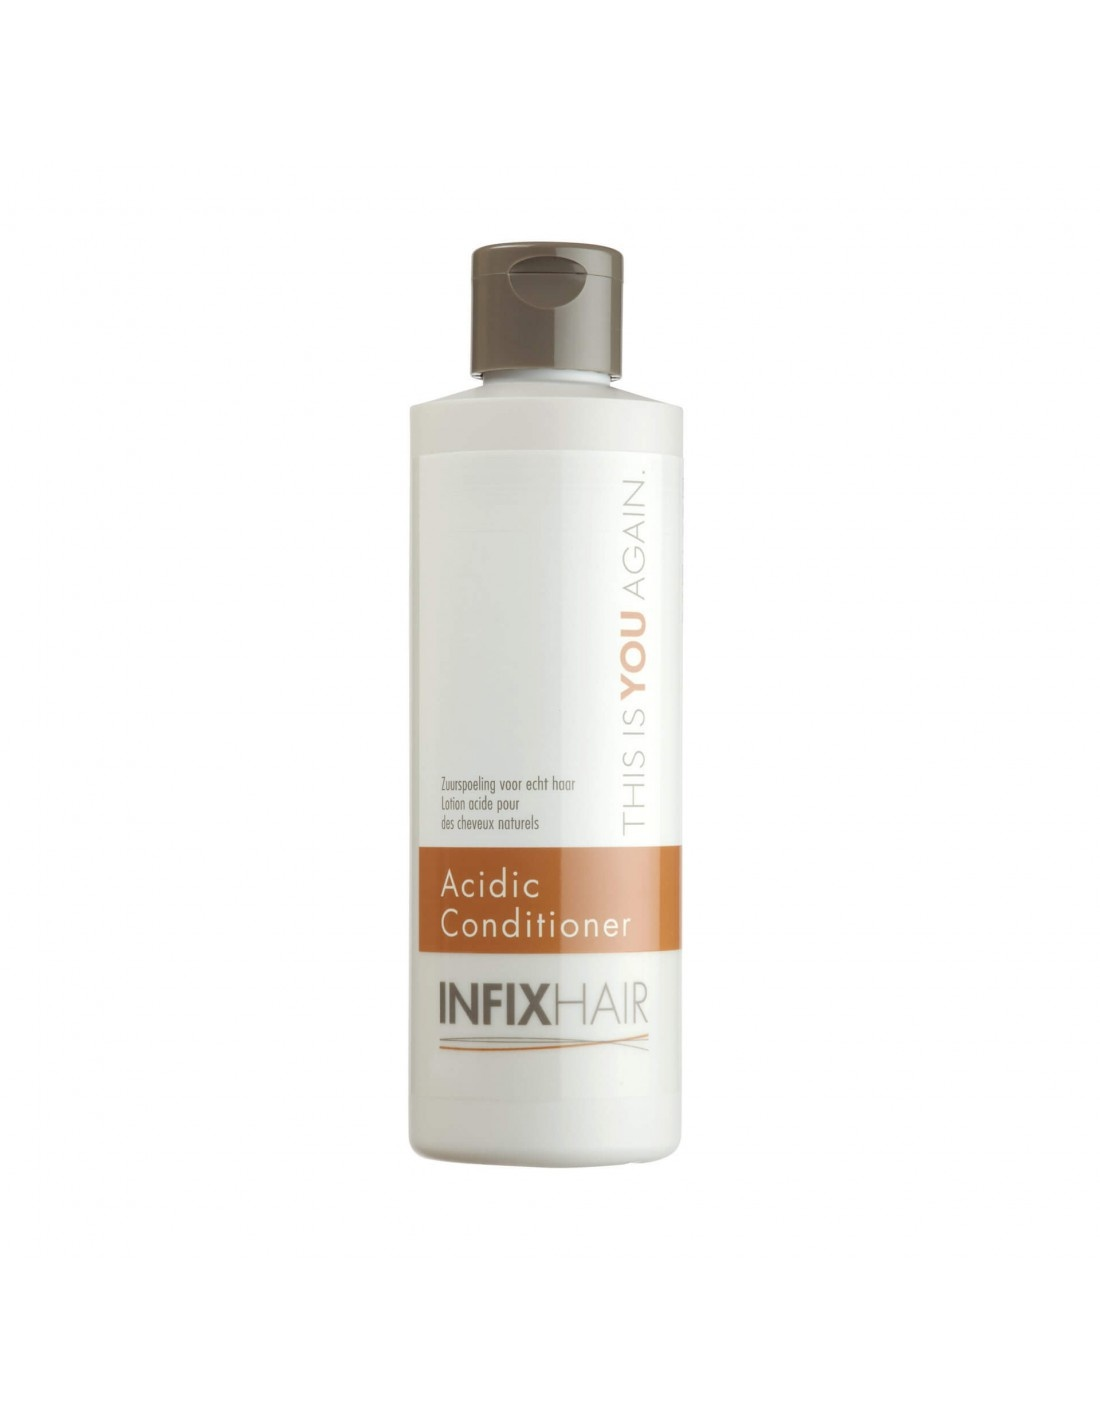 In Fix Hair Acidic Conditioner